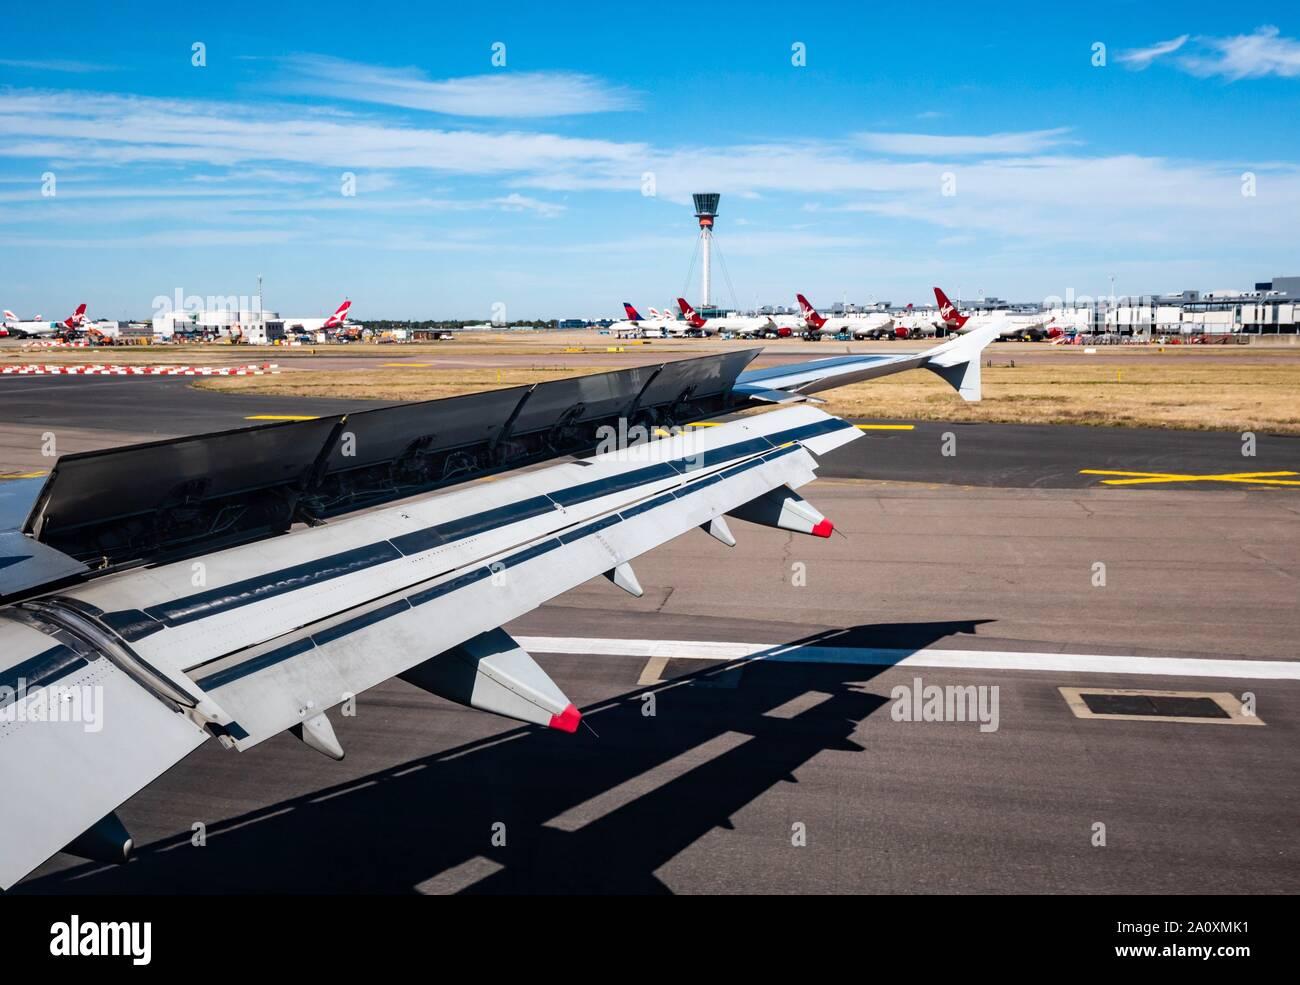 Vista desde la ventana sobre el ala de avión aterrizaba en la pista del aeropuerto de aviones con Virgin Atlantic, Londres, Inglaterra, Reino Unido. Foto de stock